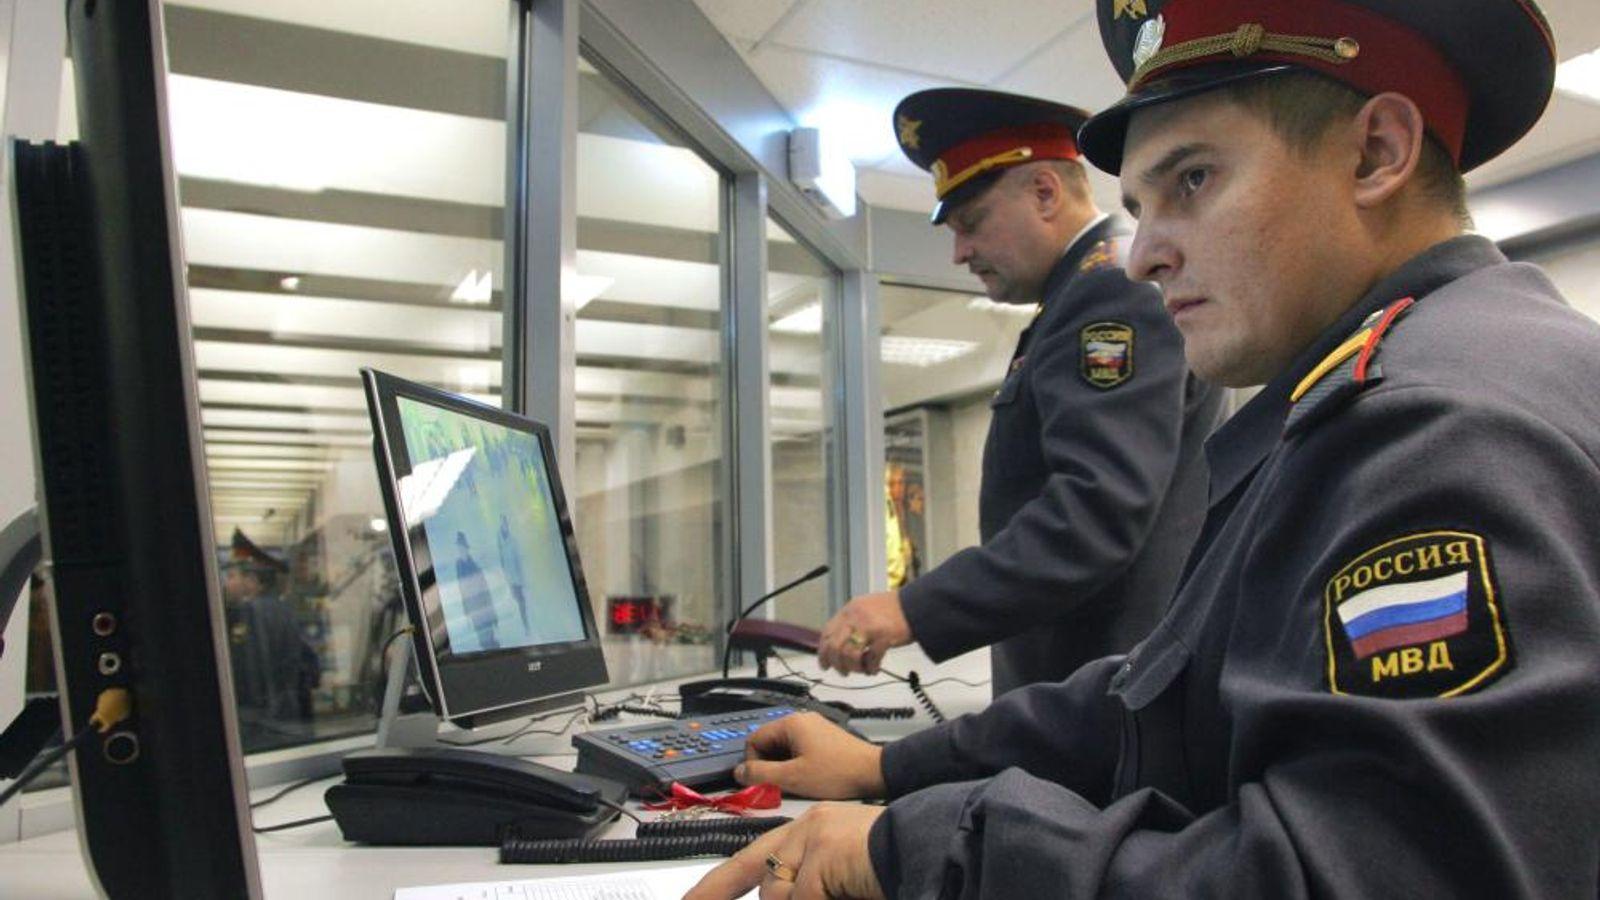 Пожилой костромской рецидивист украл телефон в аэропорту